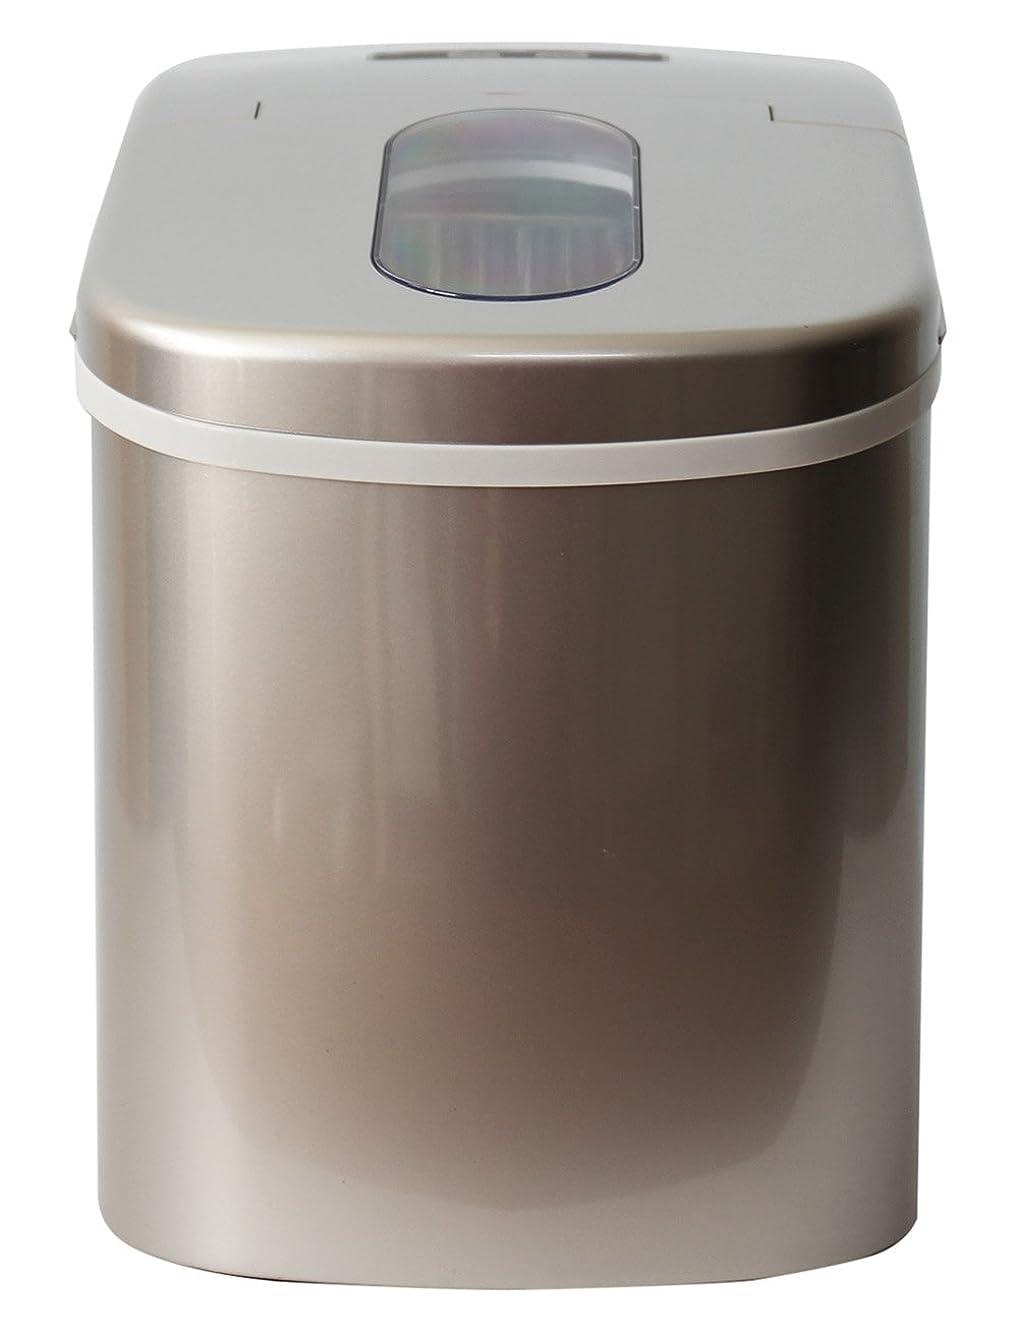 右統計的テンポアテナル 小型冷凍庫 ATENARU 40L 冷凍庫(直冷式)ホワイト 直冷式冷凍庫 右開き AT-F40W